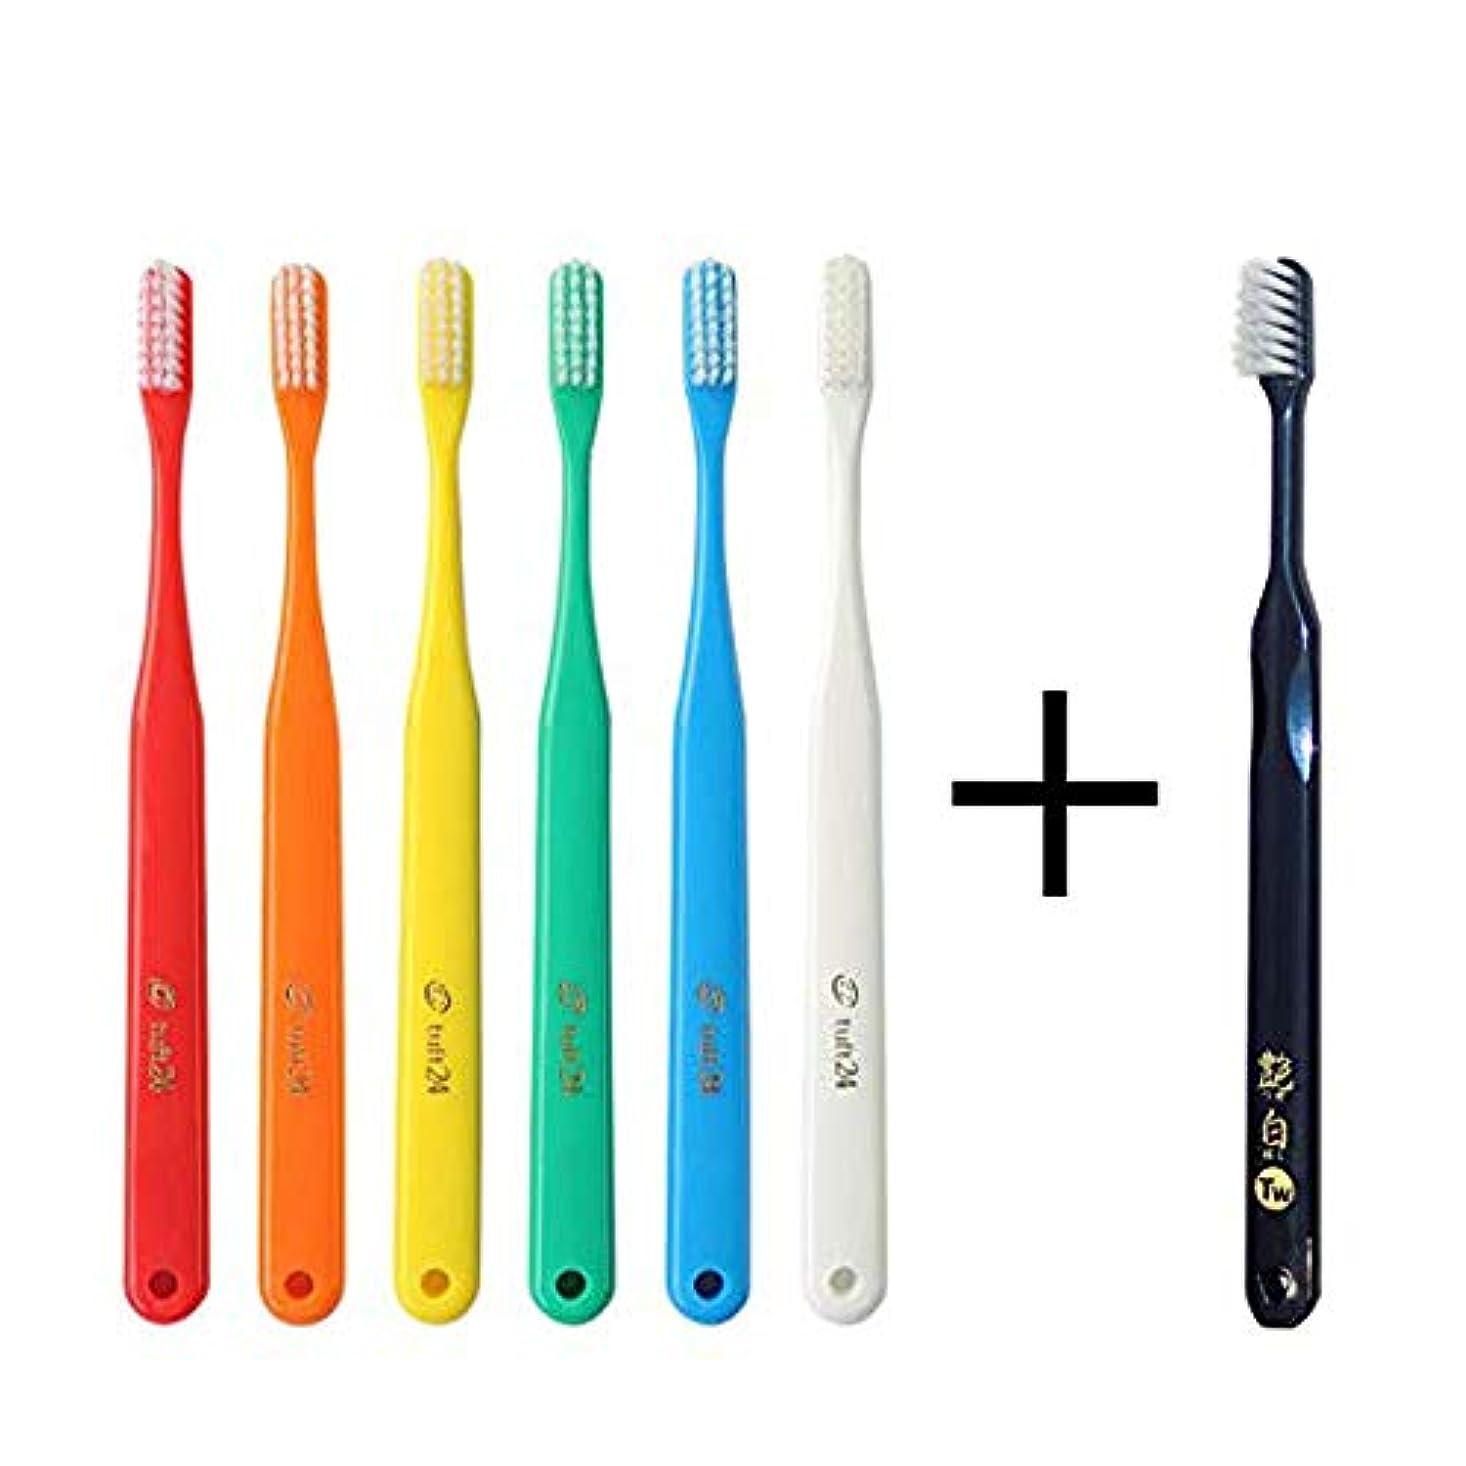 ロードブロッキング不格好亜熱帯タフト24 歯ブラシ × 10本 (S) キャップなし + 艶白ツイン ハブラシ×1本(S やわらかめ) むし歯予防 歯科専売